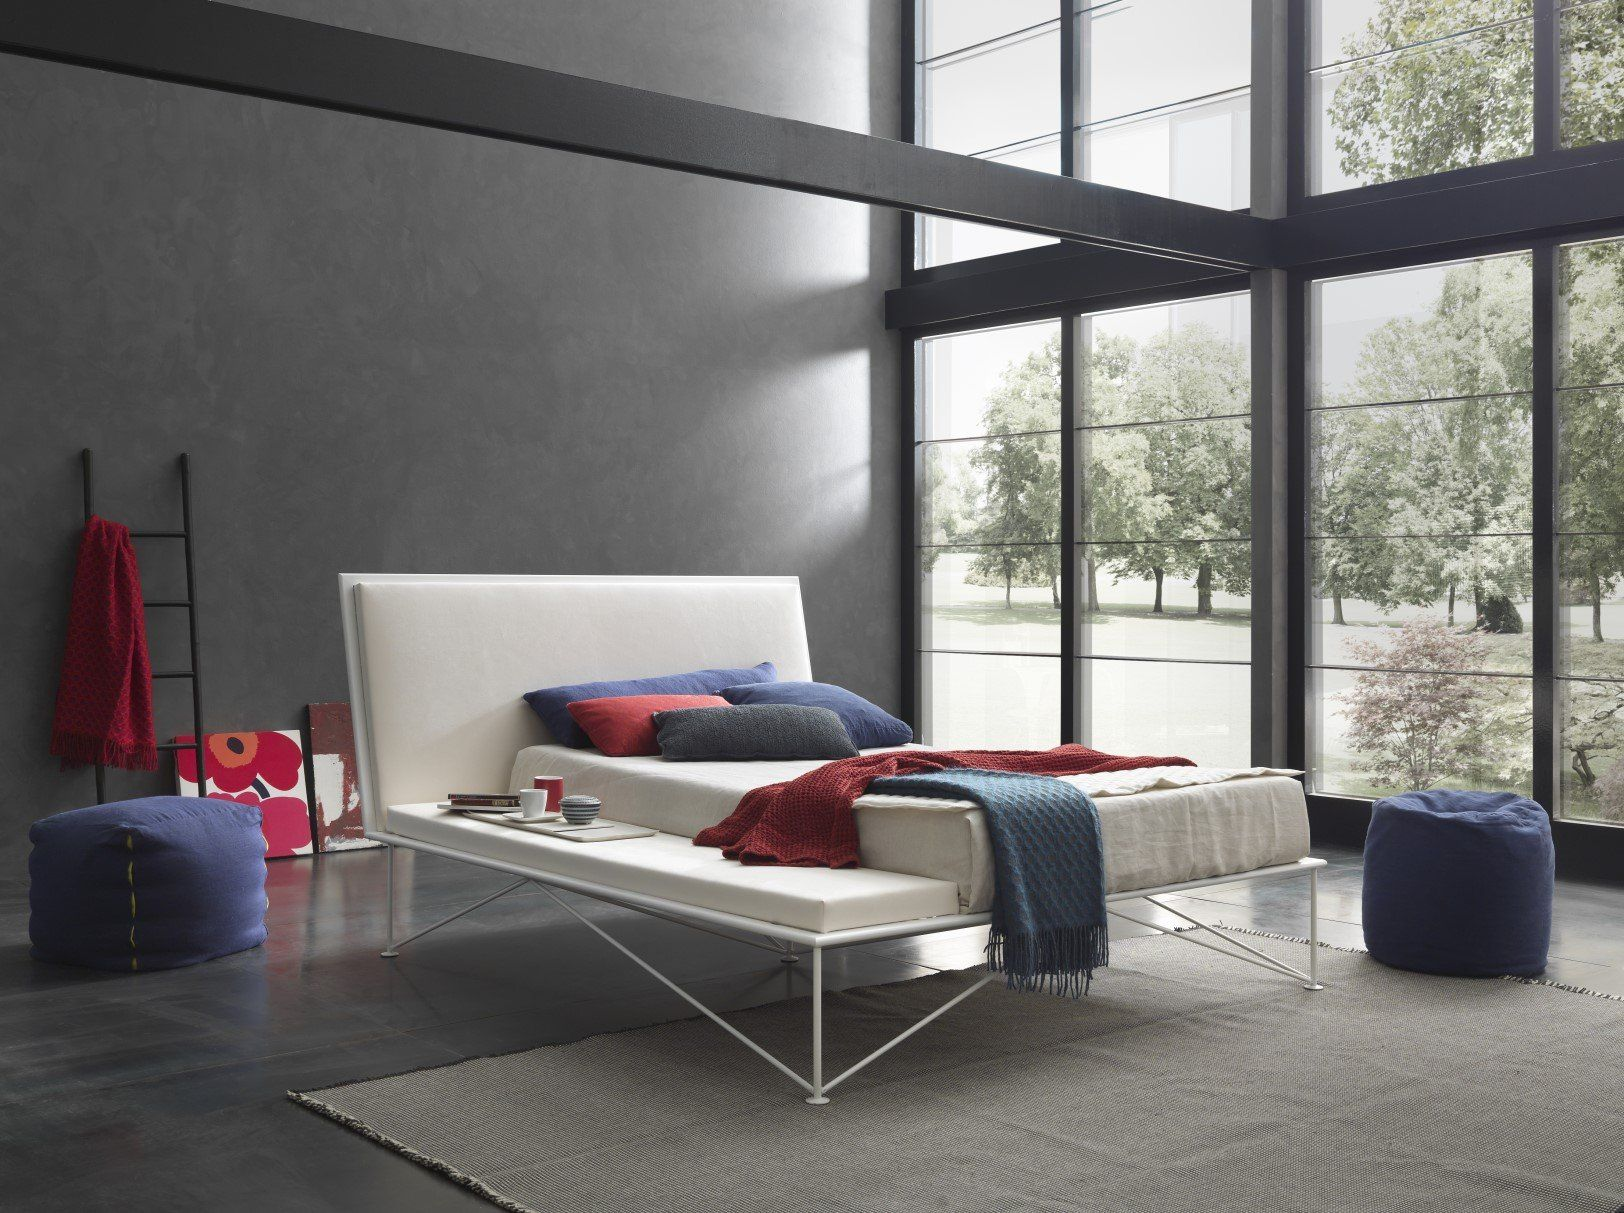 Designermöbel im von Innenarchitektur